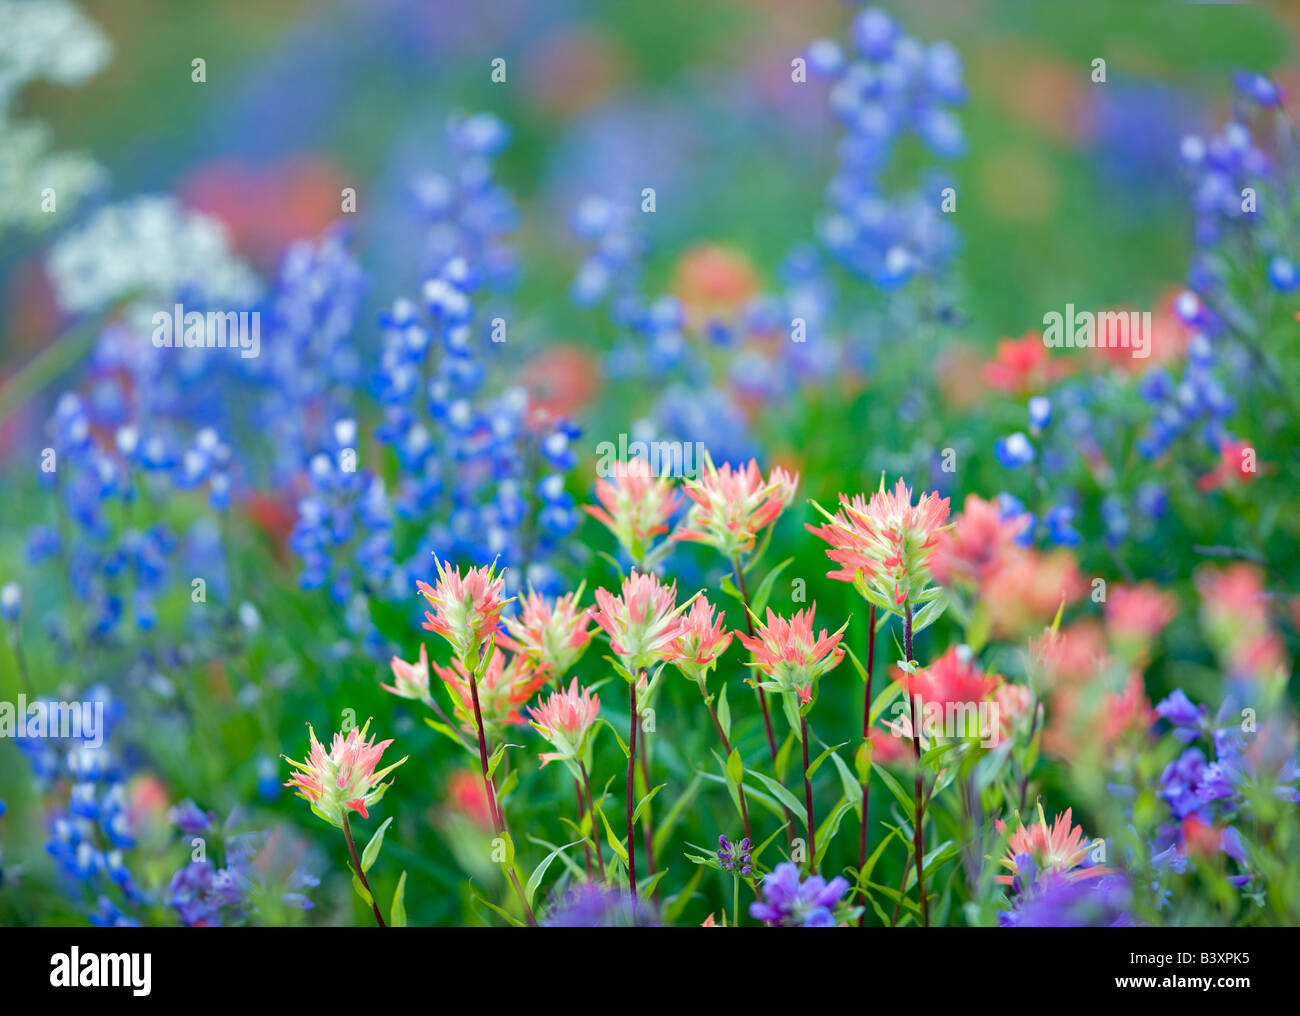 Mixed wildflowers Mostly lupine paintbrush Hurricane Ridge Olympic National Park Washington - Stock Image